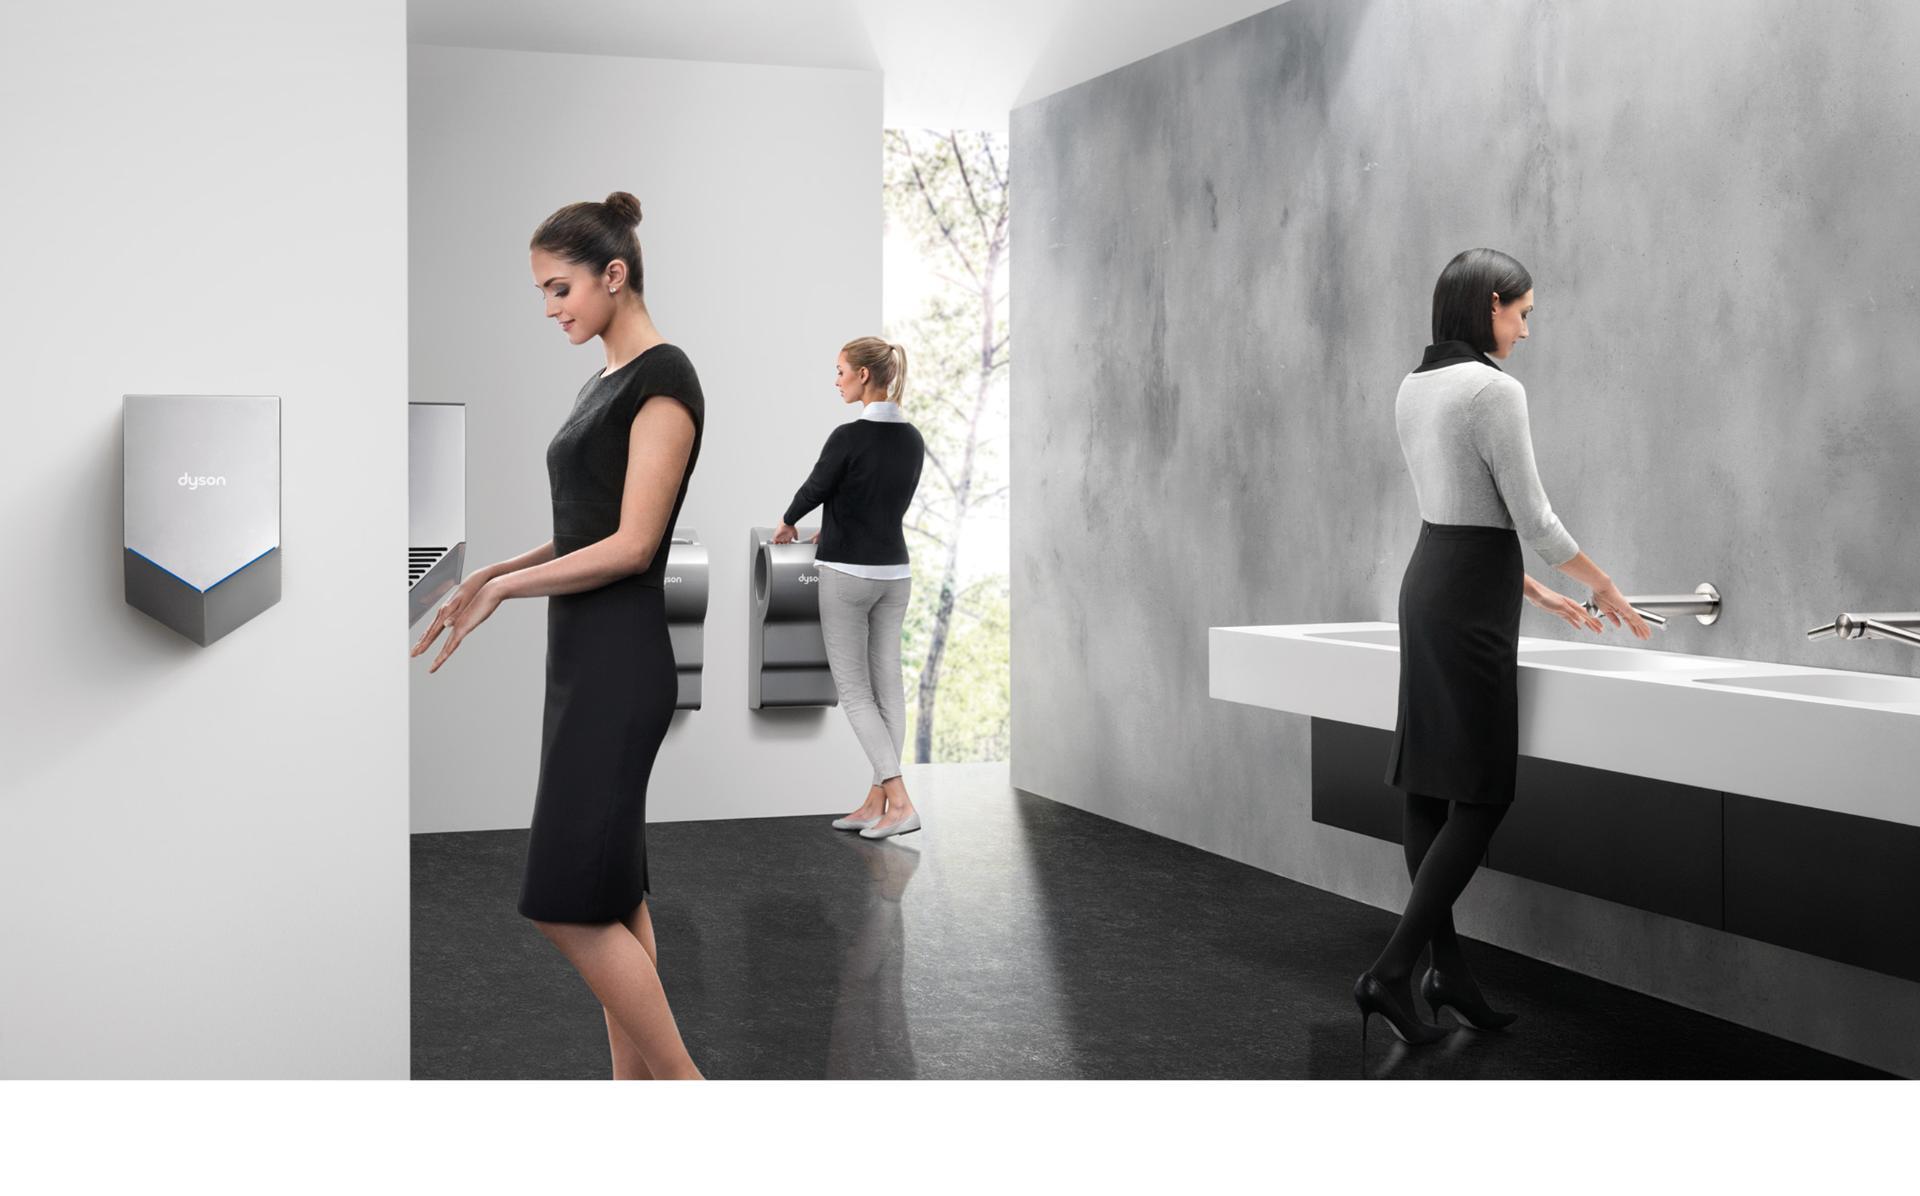 Dyson Airblade el kurutma makinesi kullanarak ellerini kurutan kadınlar